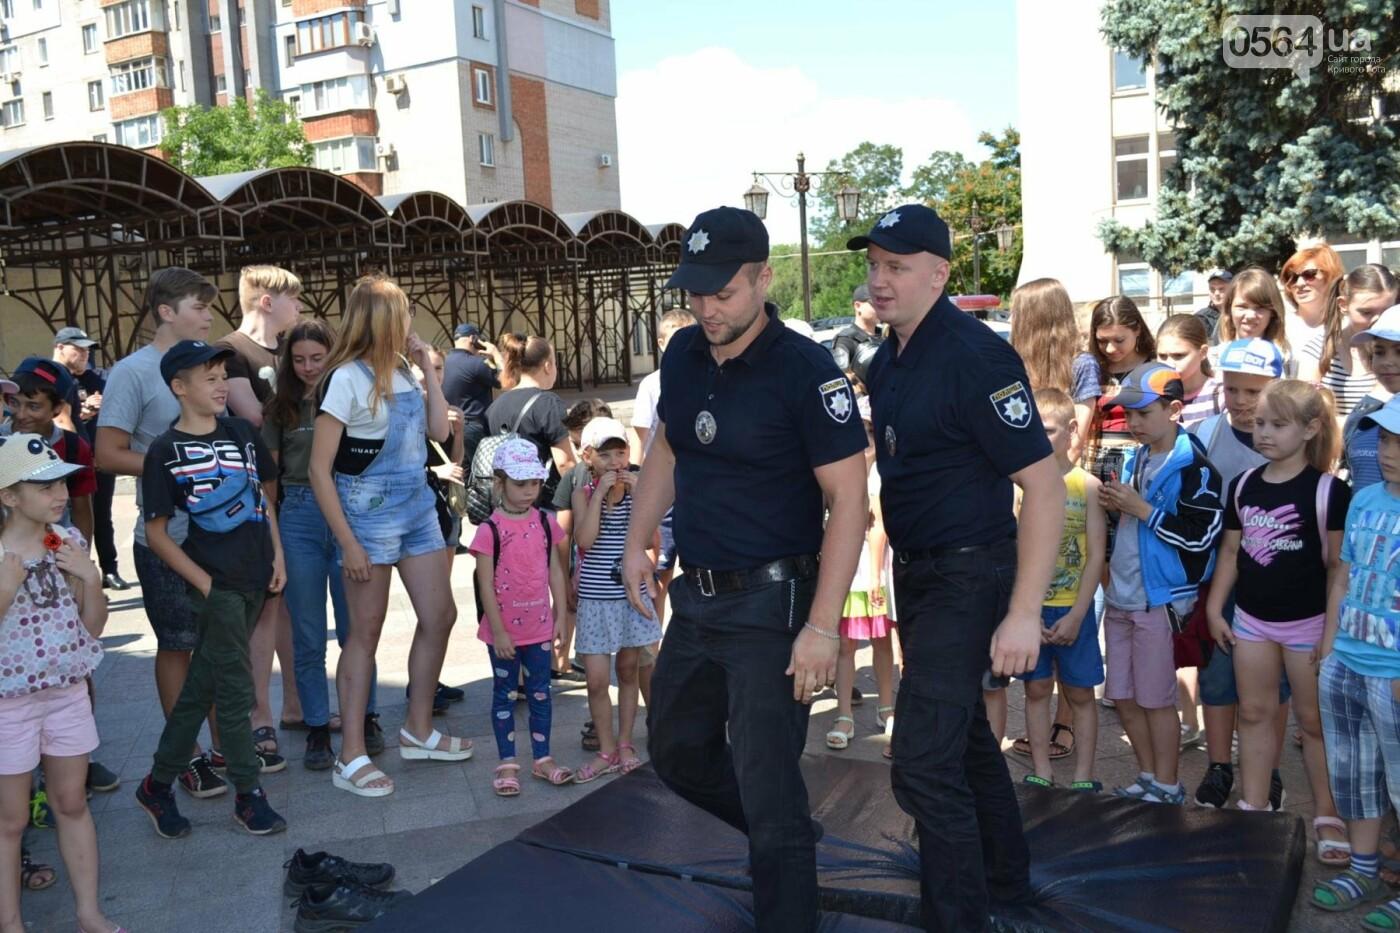 Патрульная полиция Кривого Рога отметила свой День рождения с детворой,- ФОТО, фото-5